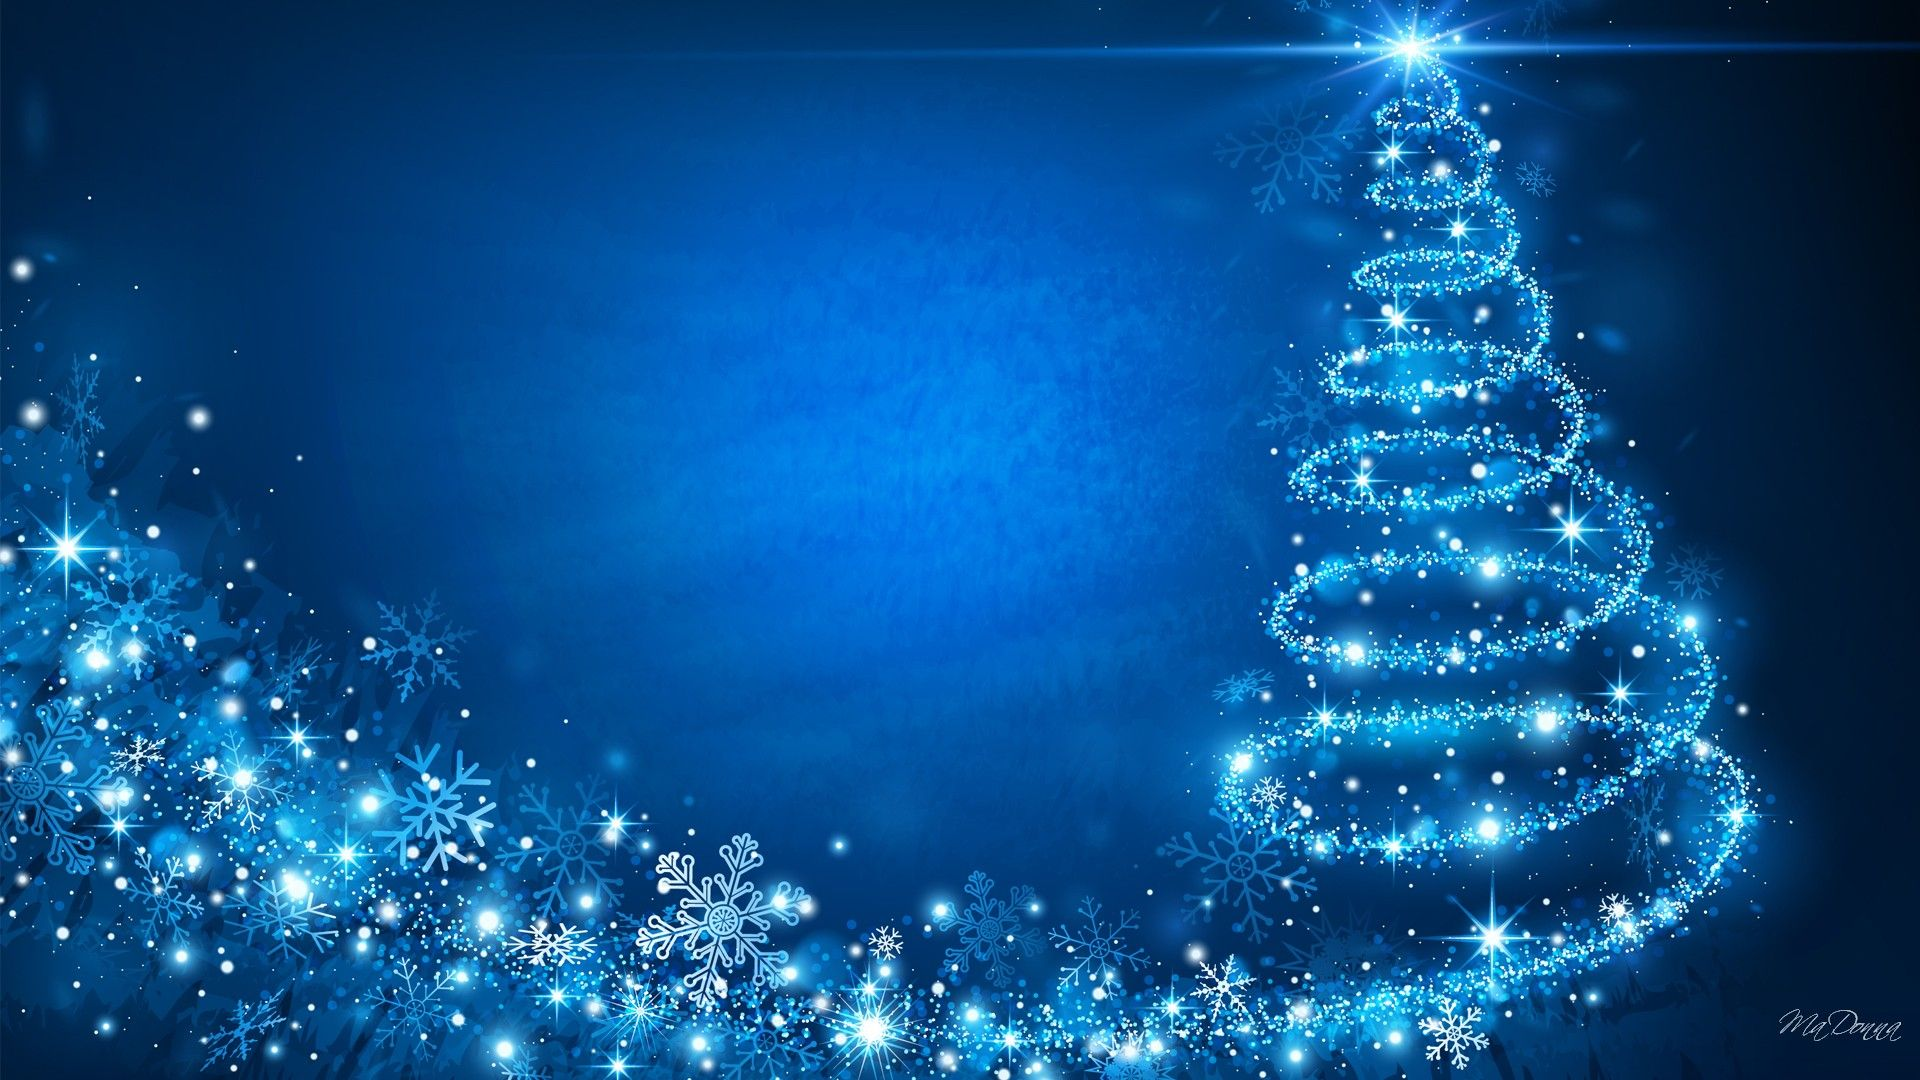 Уважаемые партнёры, коллеги и друзья! С наступающими праздниками: Новым 2019 Годом и Рождеством Христовым!